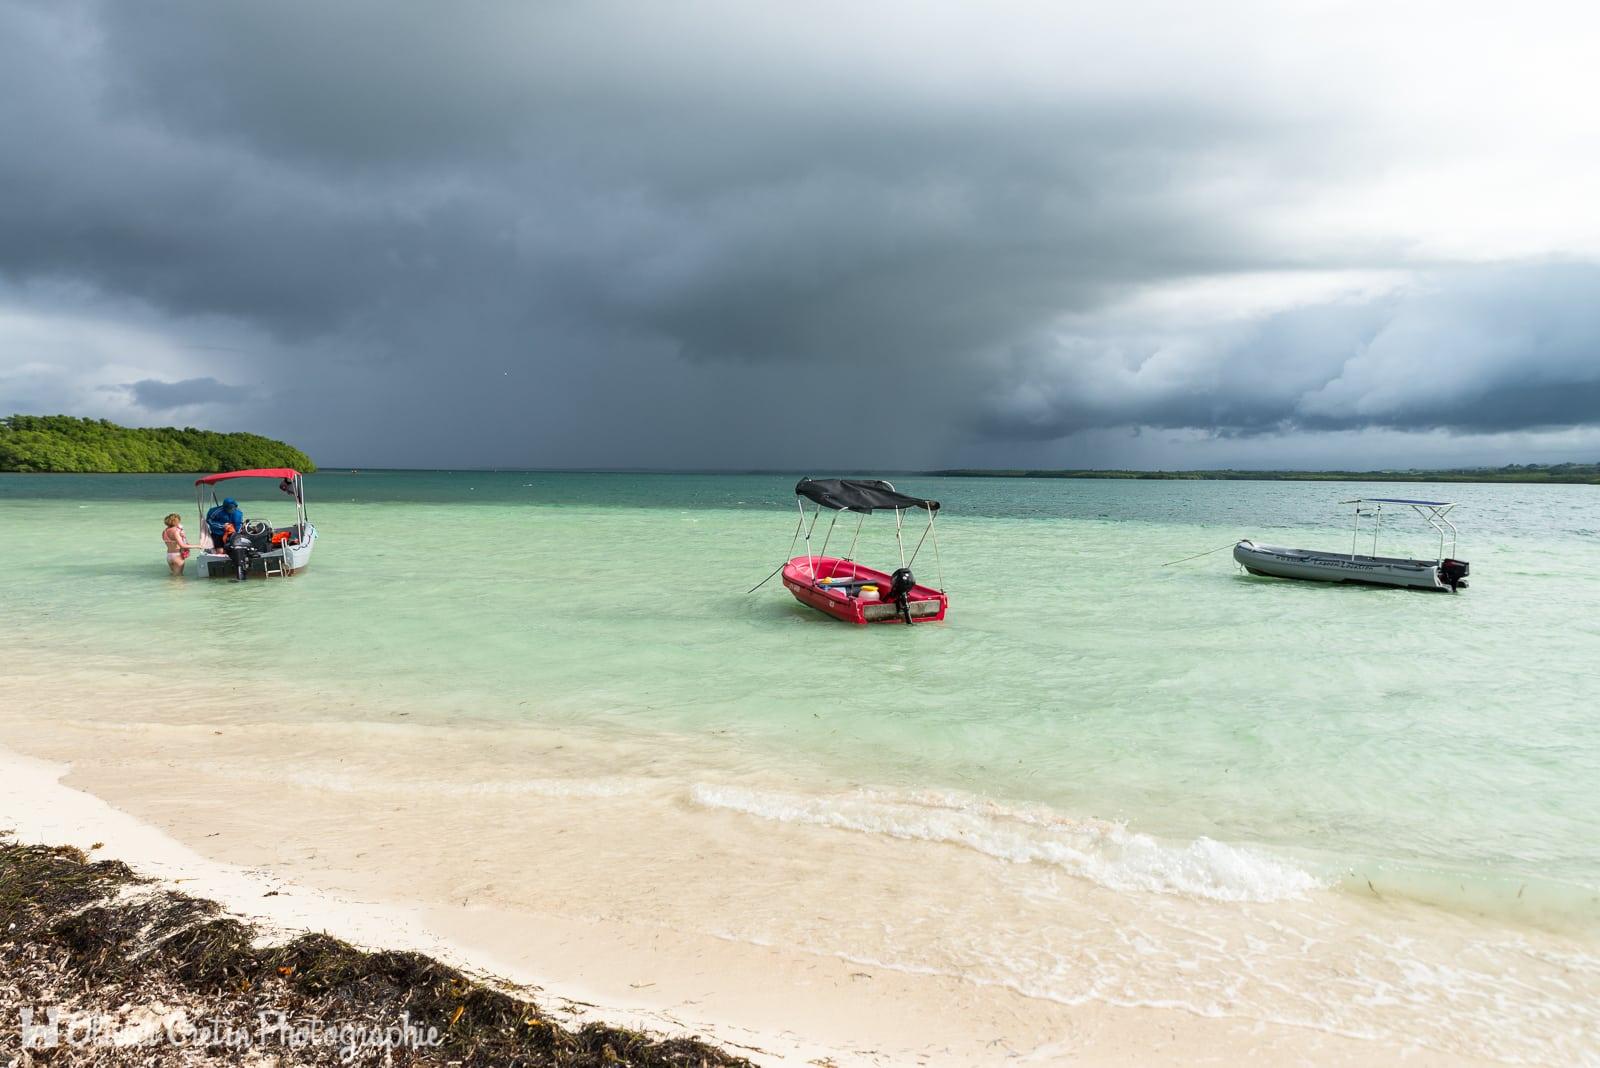 Guadeloupe - Ilet blanc - Une petite place au soleil